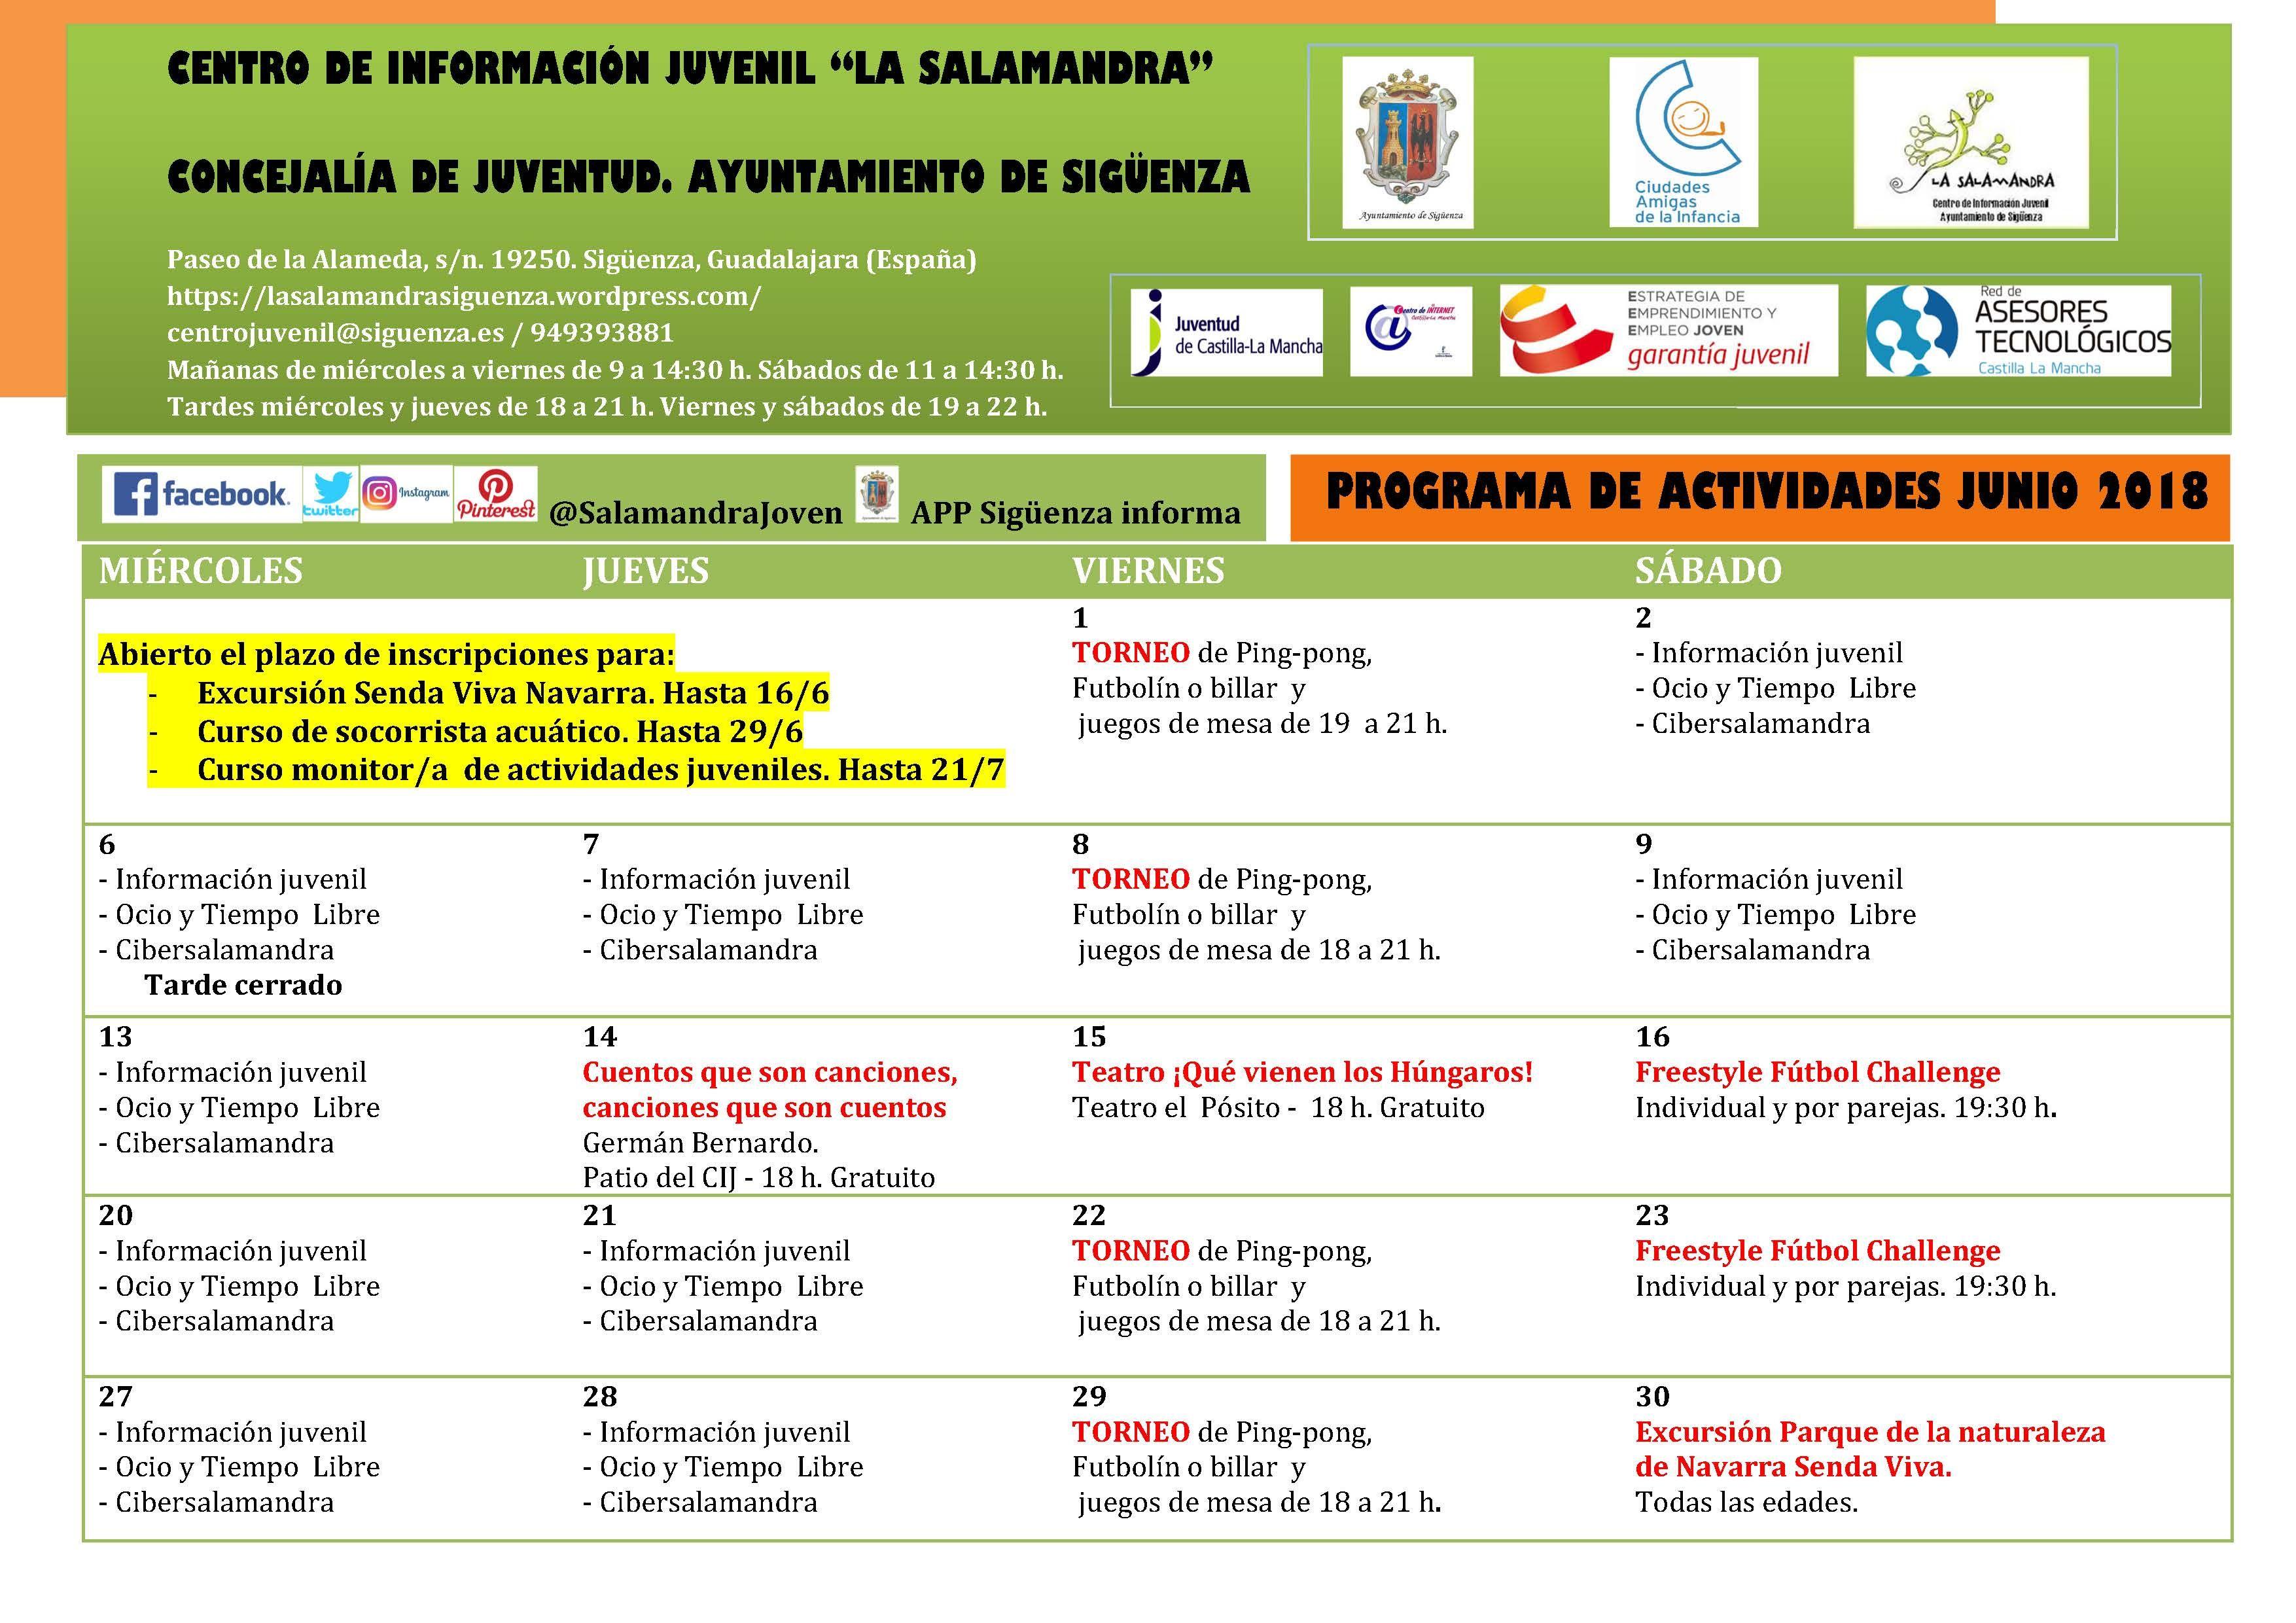 Teatro, excursiones y cursos formativos: propuestas de junio en el CIJ La Salamandra